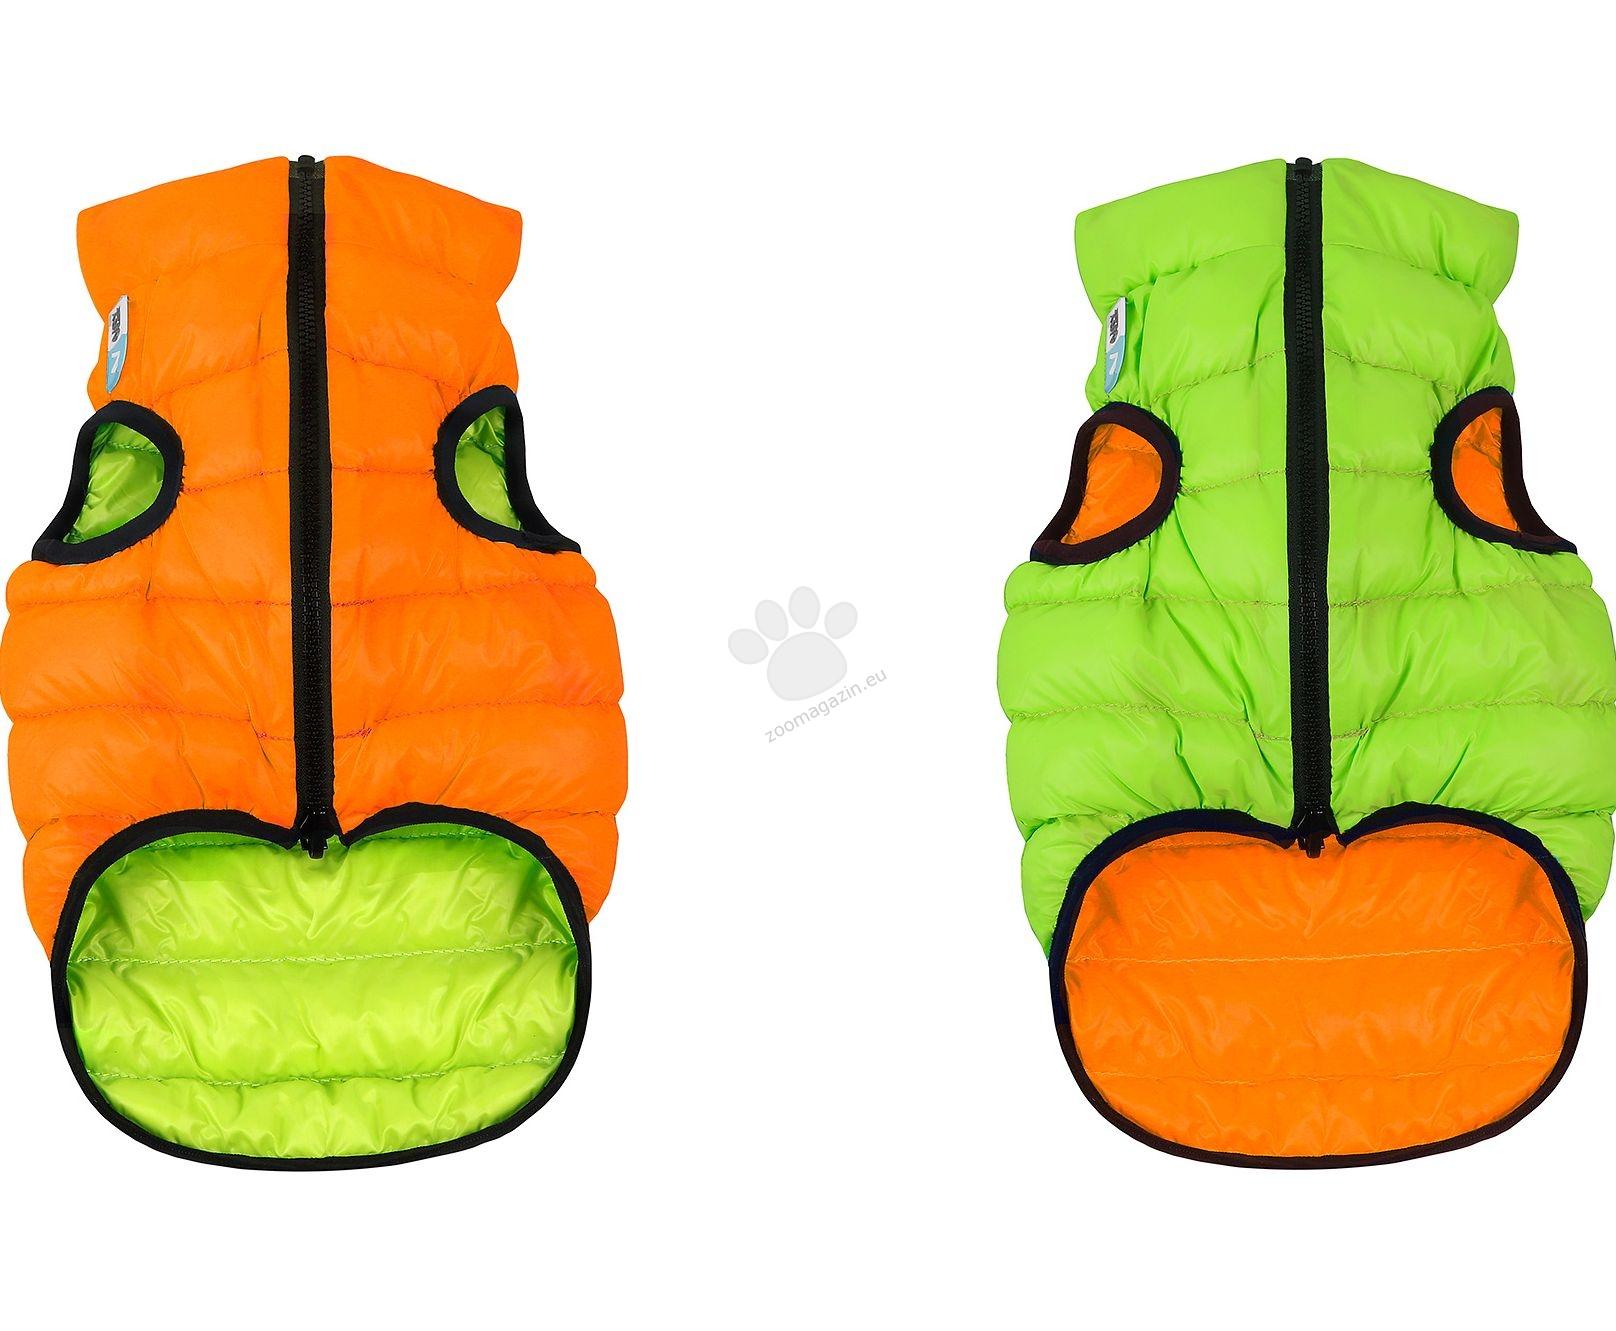 Airy Vest XS - двустранно олекотено кучешко яке, за кучета с дължина на гърба 25 см. / оранжево-светлозелено /